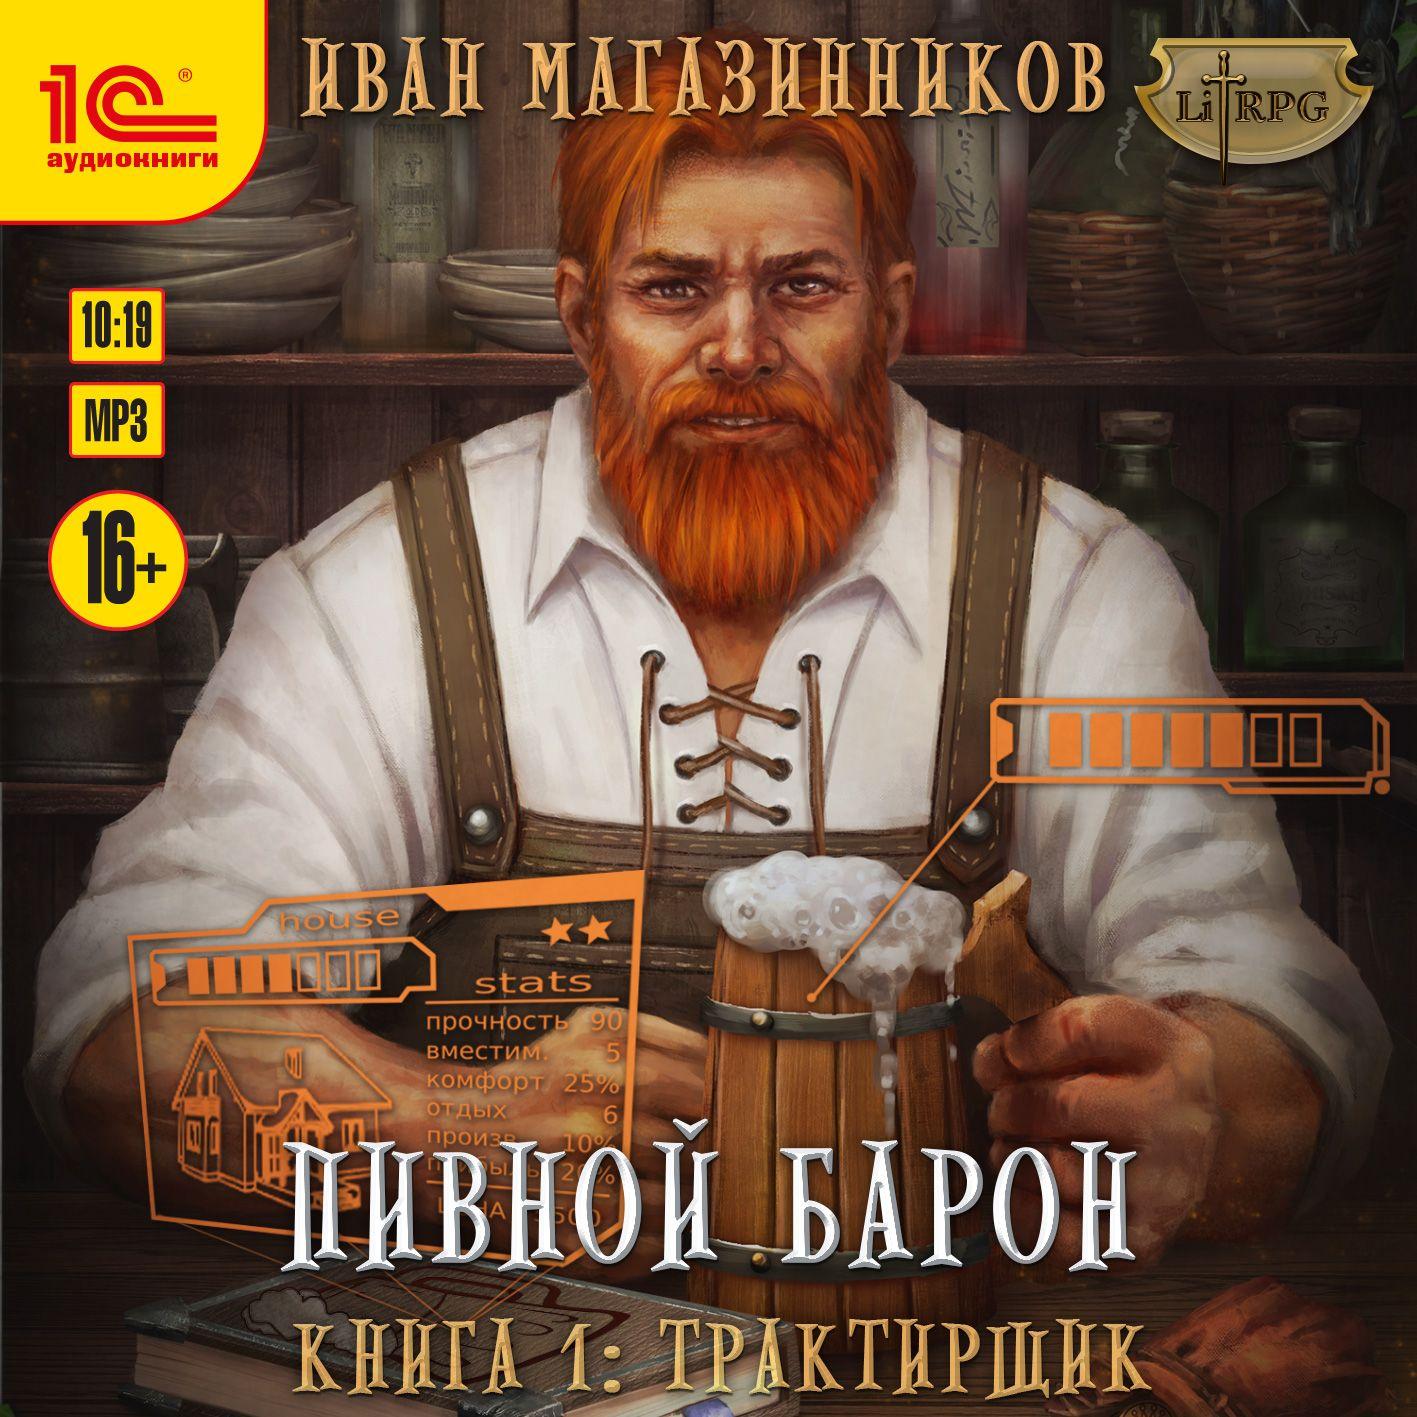 Купить книгу Трактирщик, автора Ивана Магазинникова